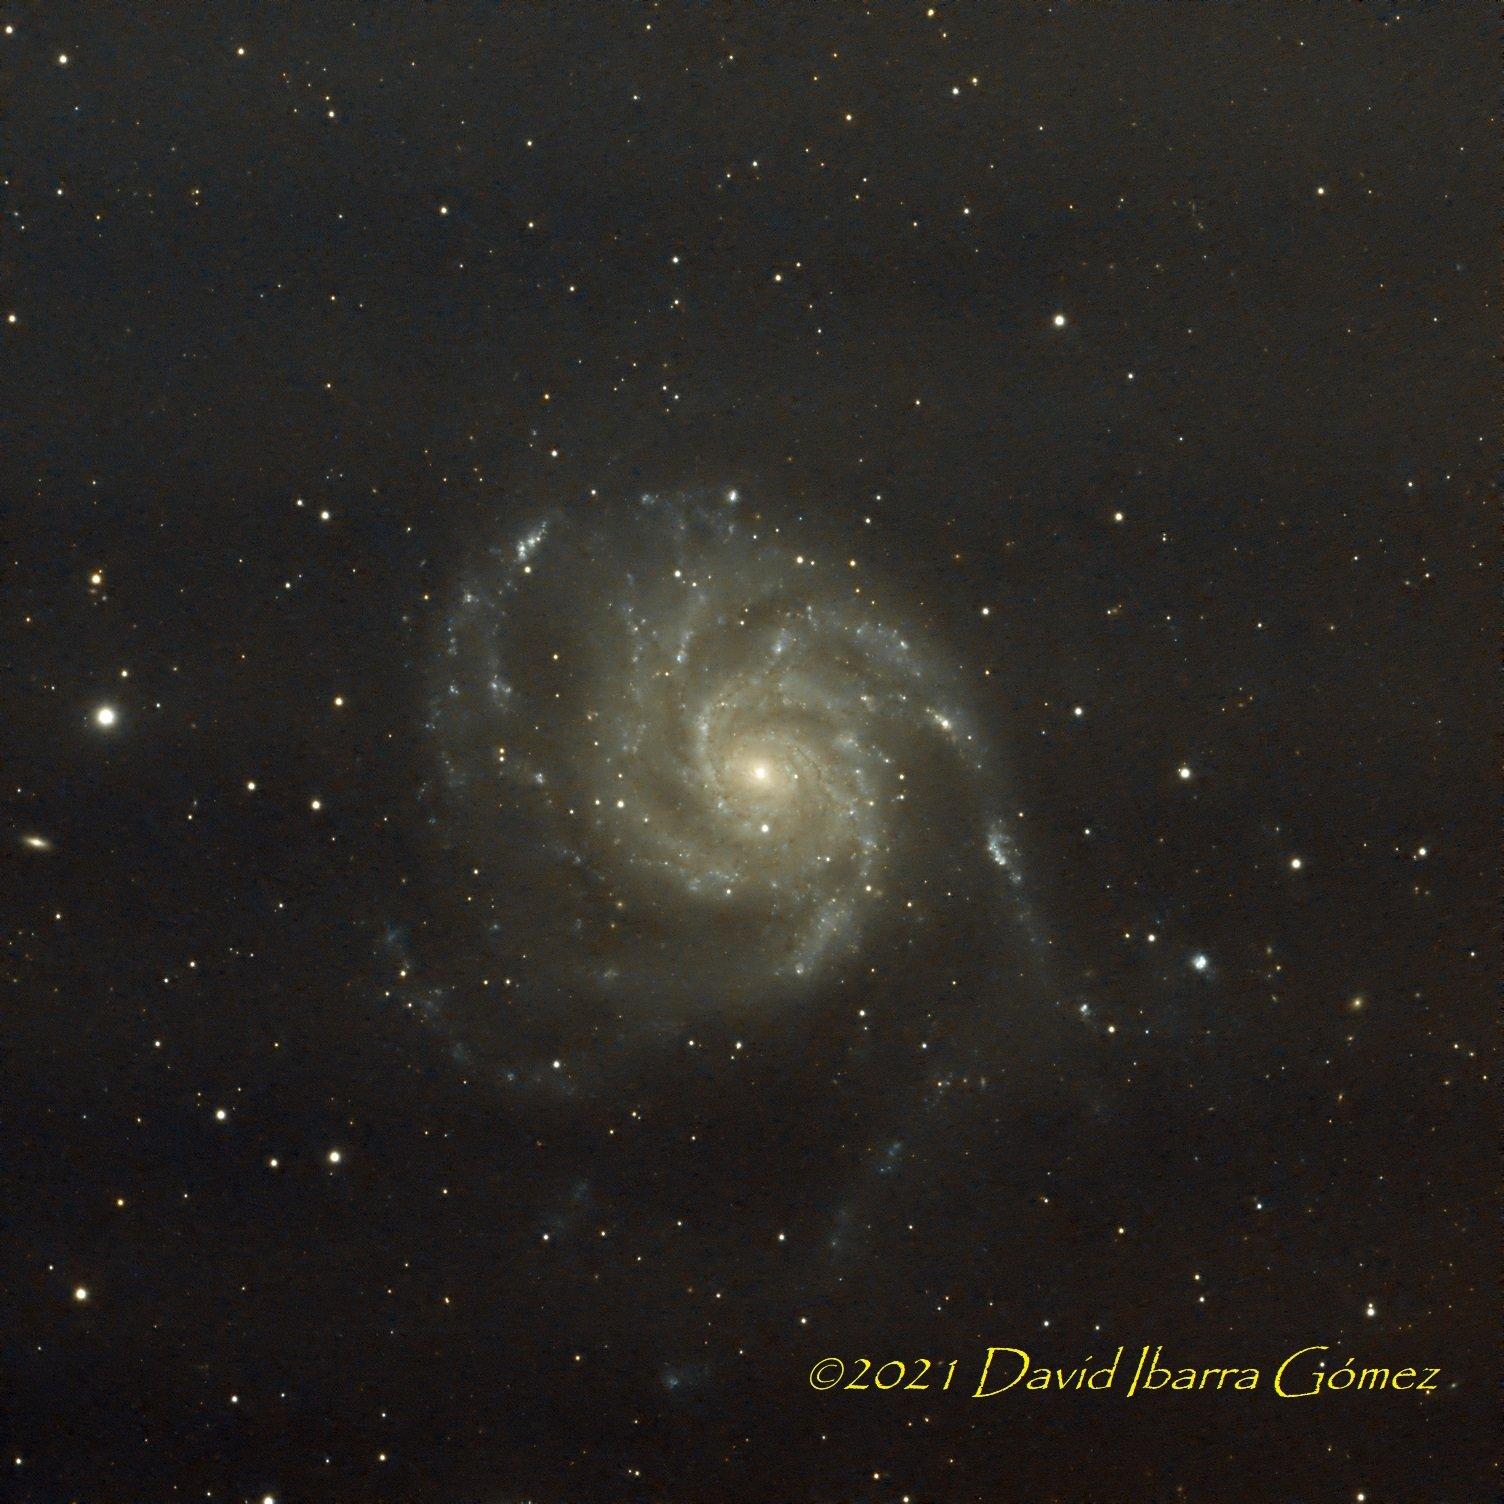 M101 - David Ibarra